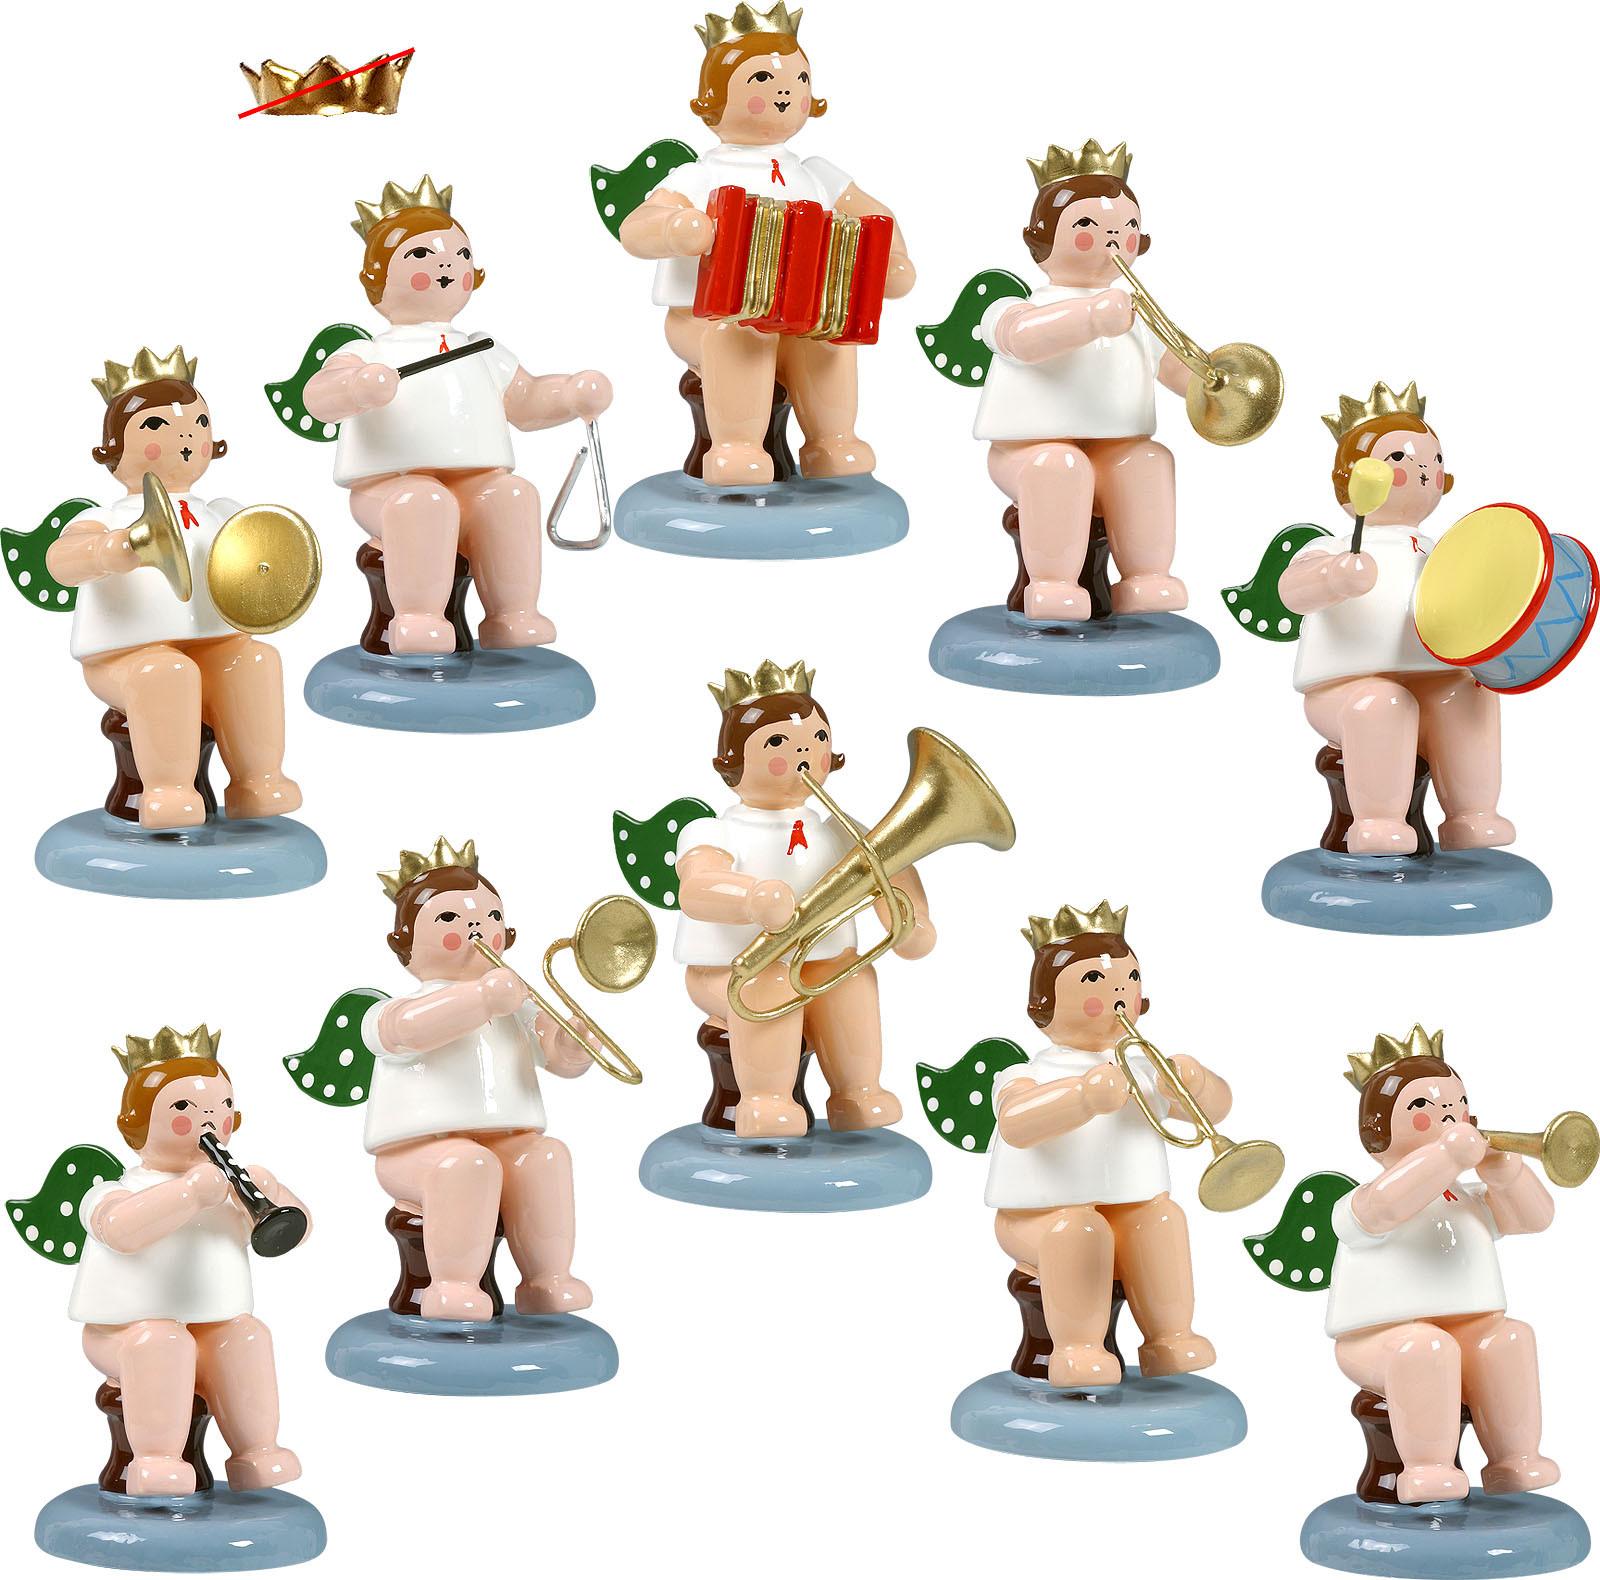 Engelmusikanten, sitzend, 10-teilig, Variante 1 - ohne Krone